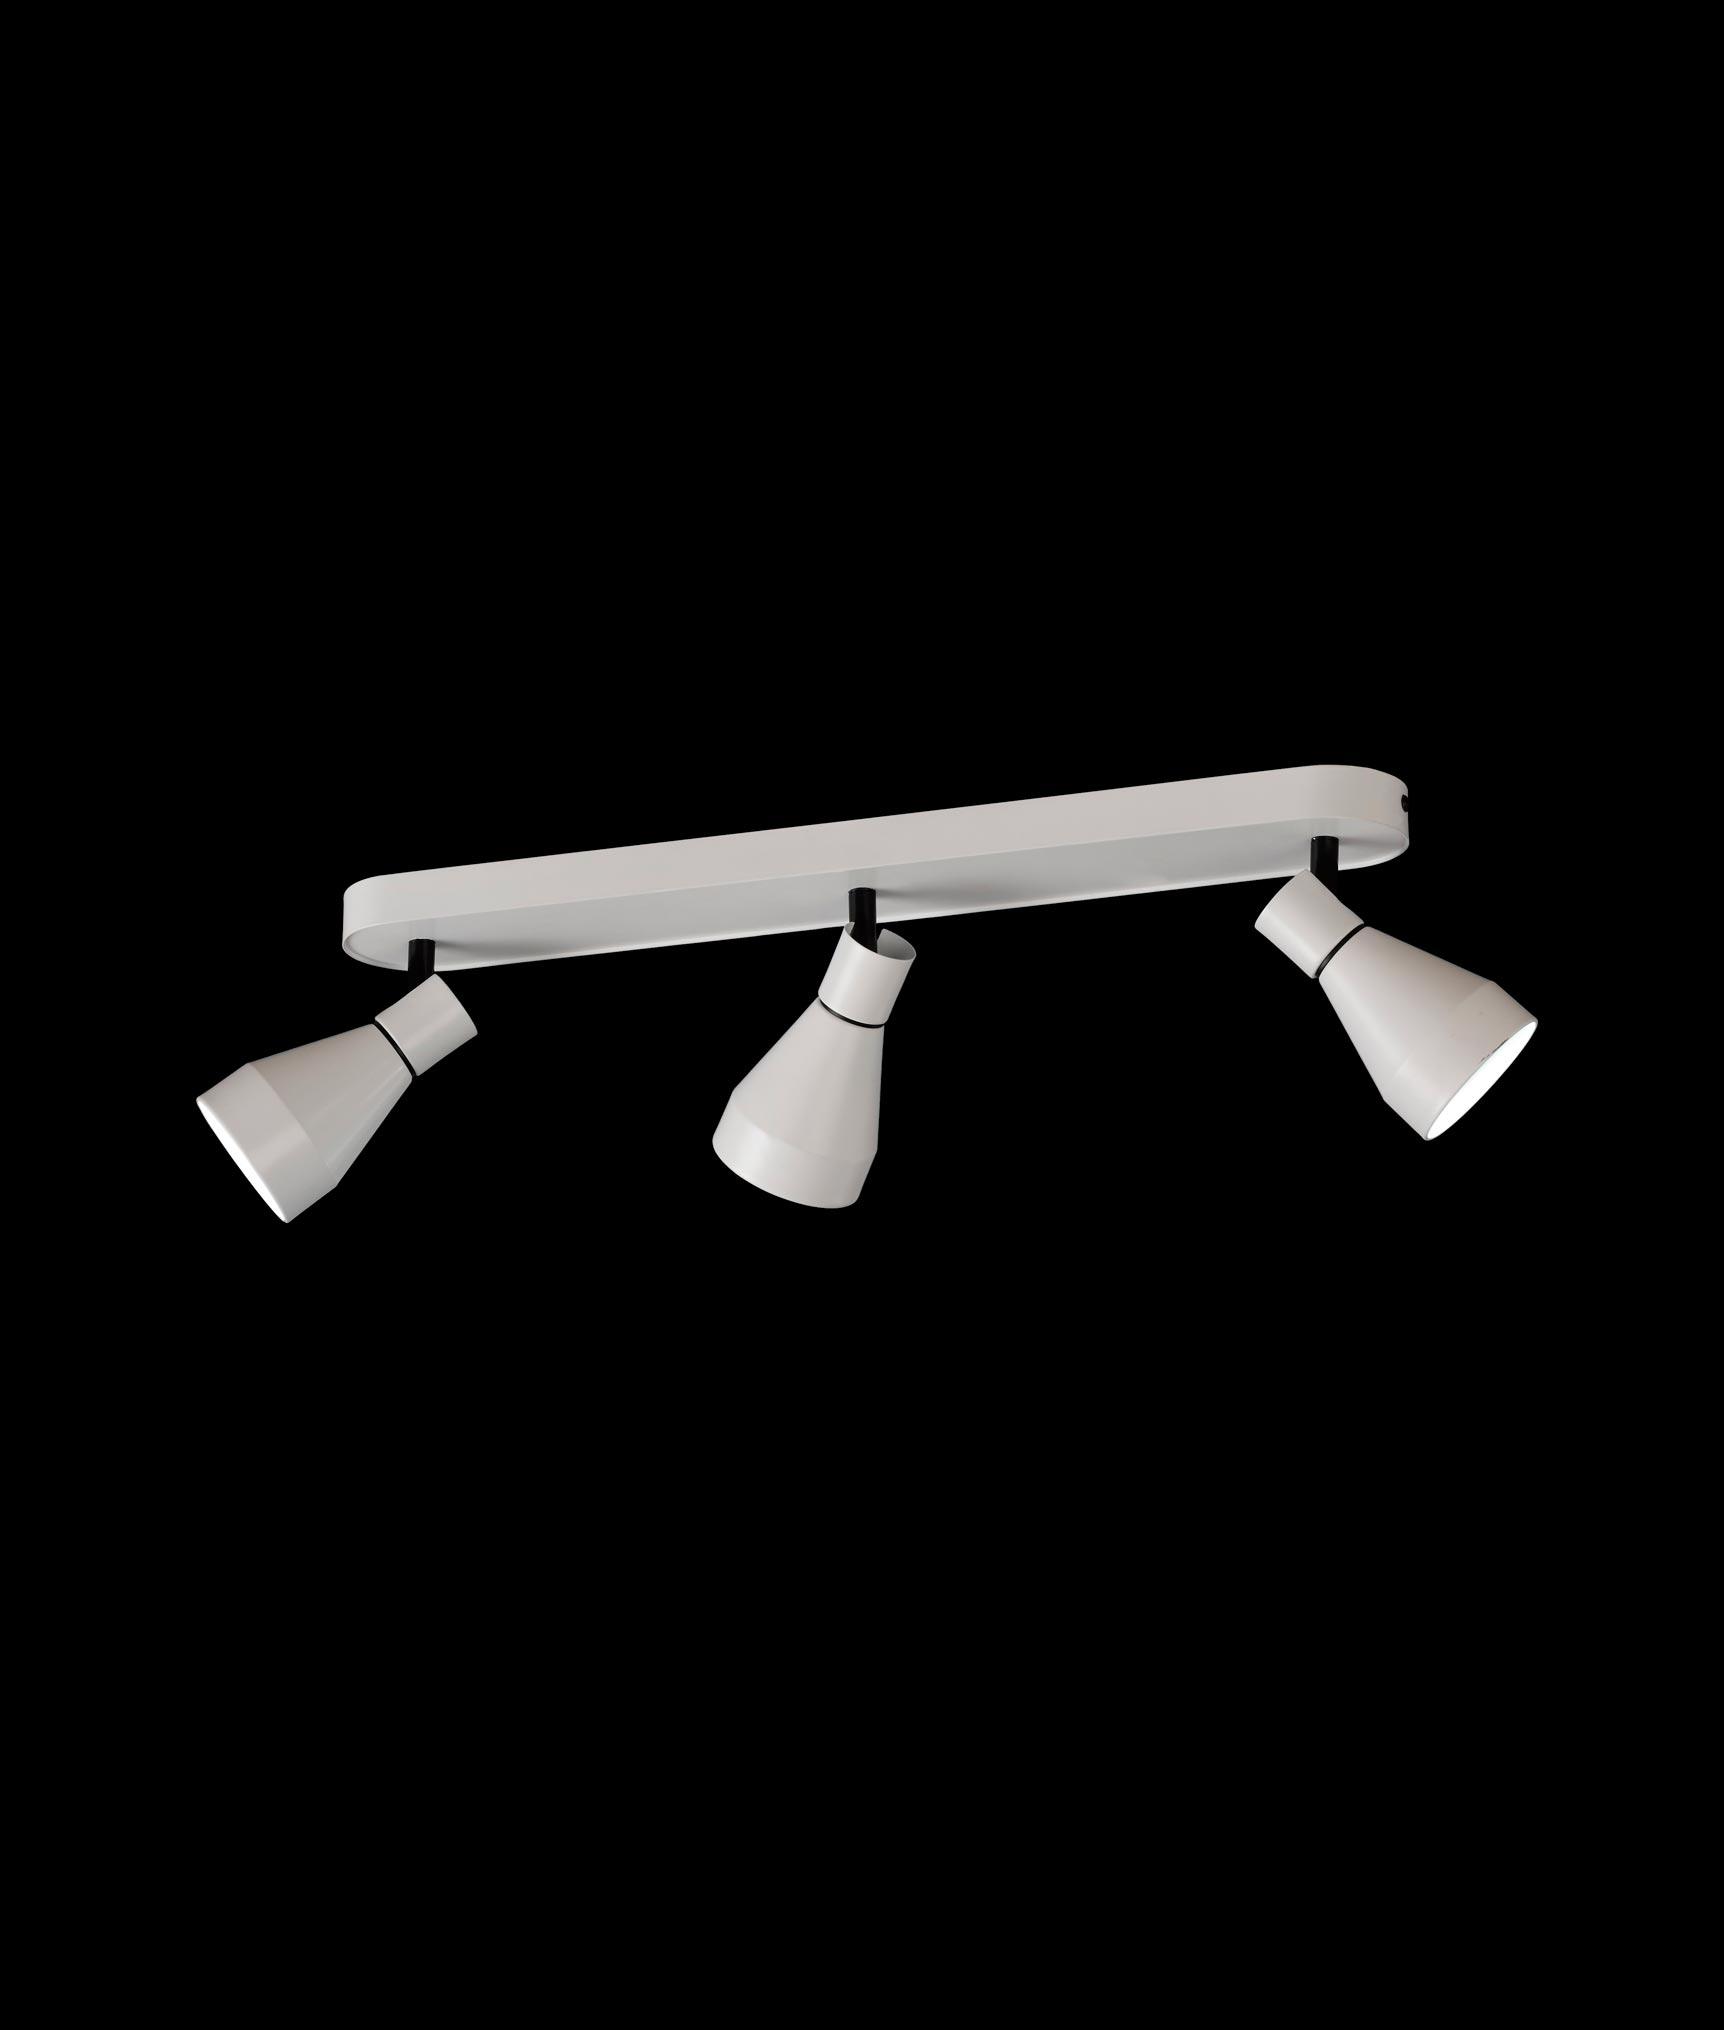 Detalle luminaria regleta 3 luces KOS